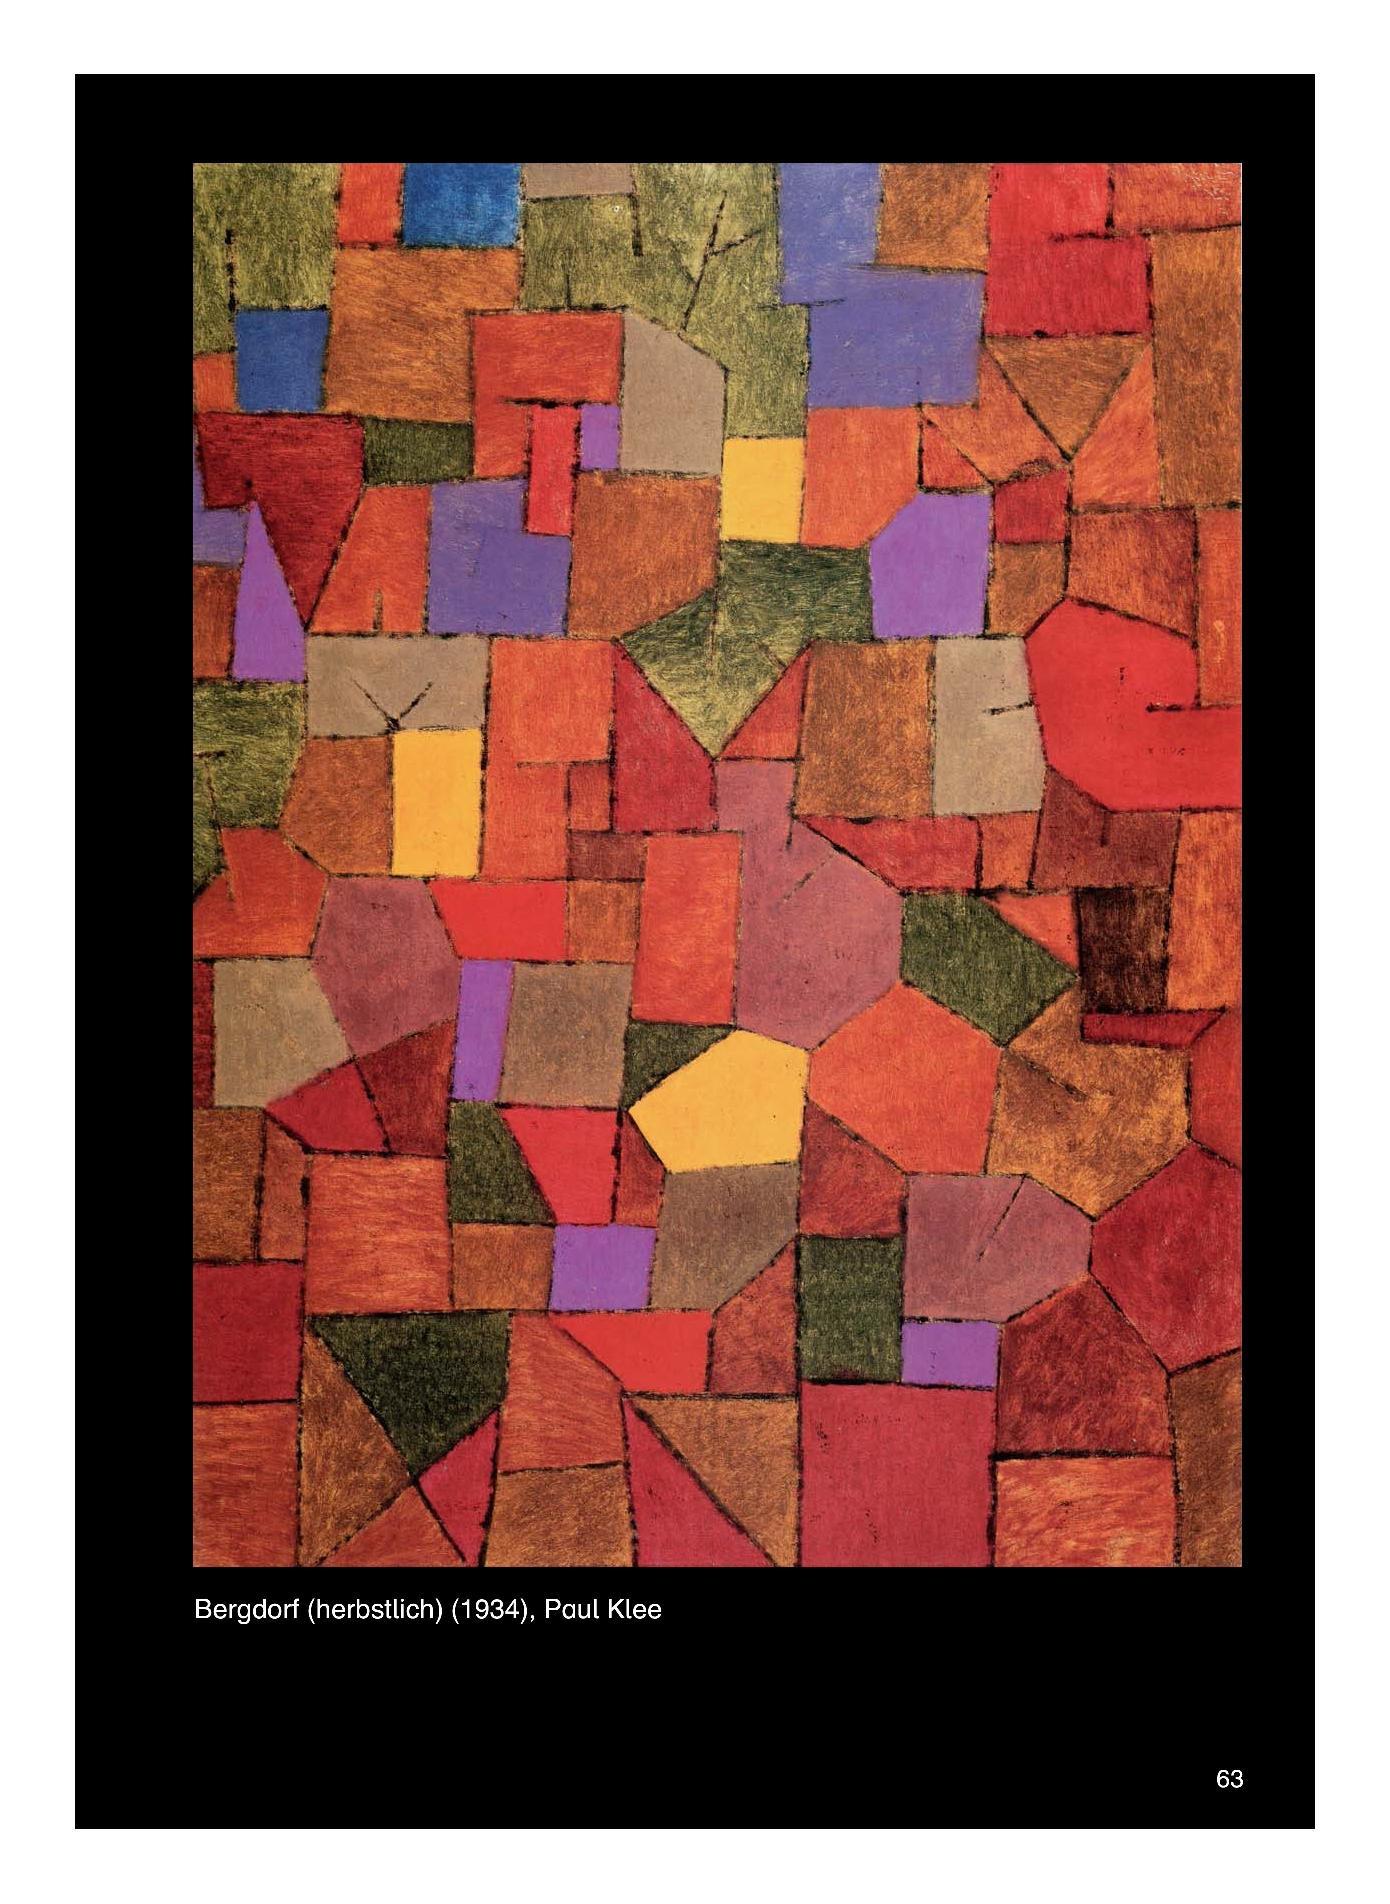 Kunst_Unterrichtseinheit zumThema _Bergdorf (herbstlich)_ von Paul Klee mit biografischen Hinweisen zum Künstler